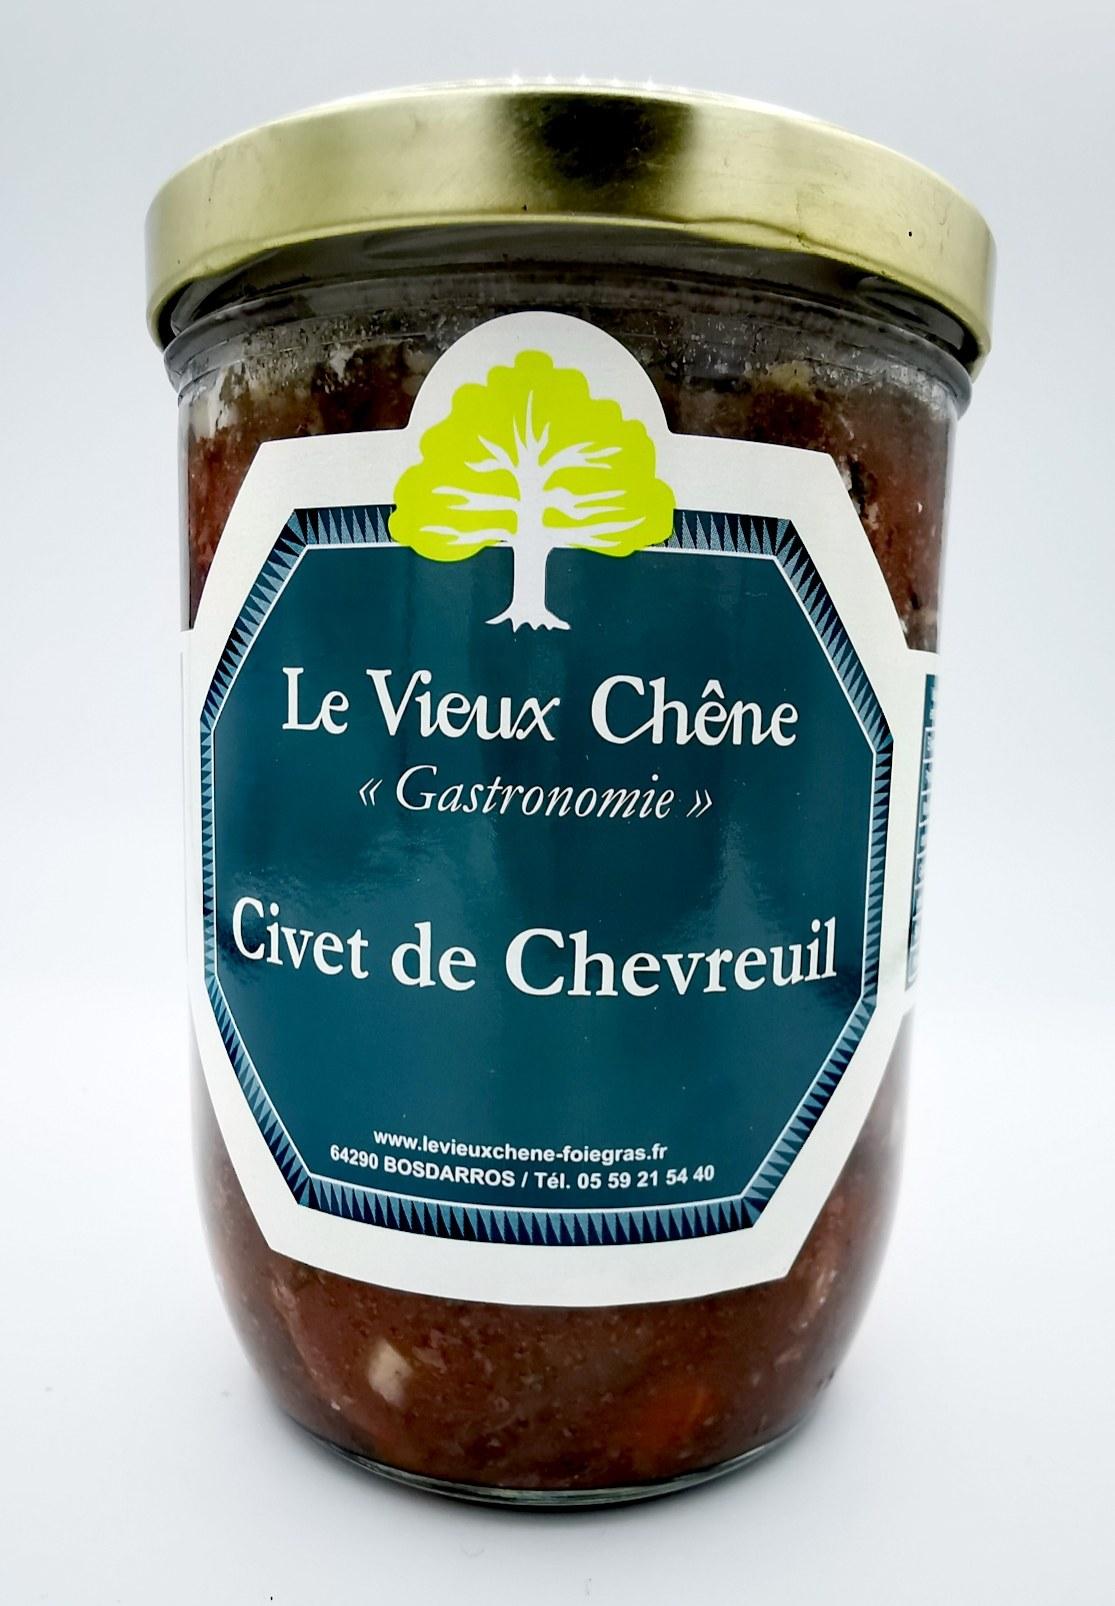 Civet de Chevreuil - Le Vieux Chêne - charcuterie - vallée d'aspe - local